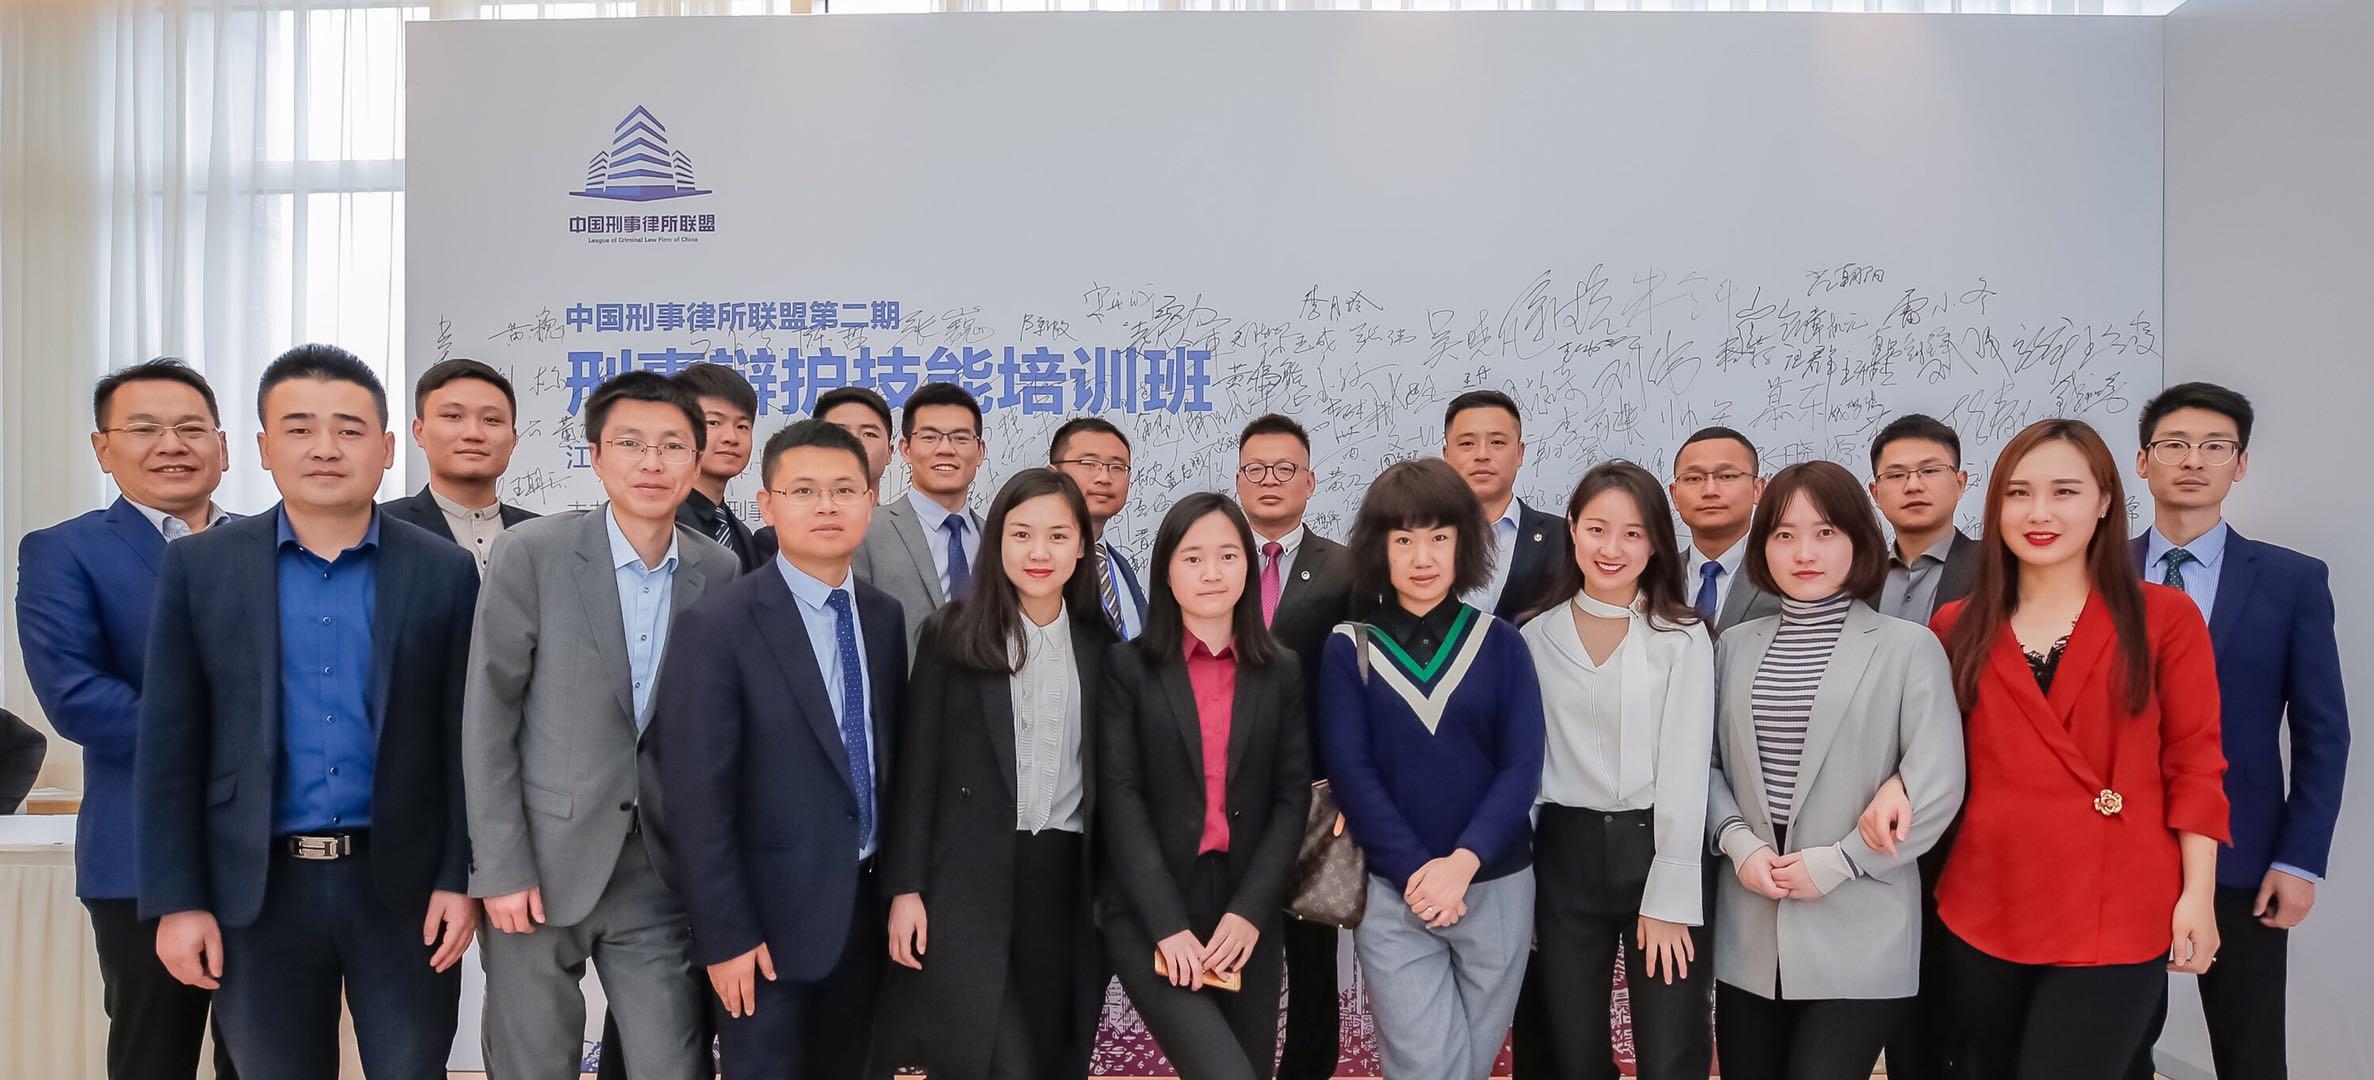 金亚太律师团赴苏州参与刑辩技能培训